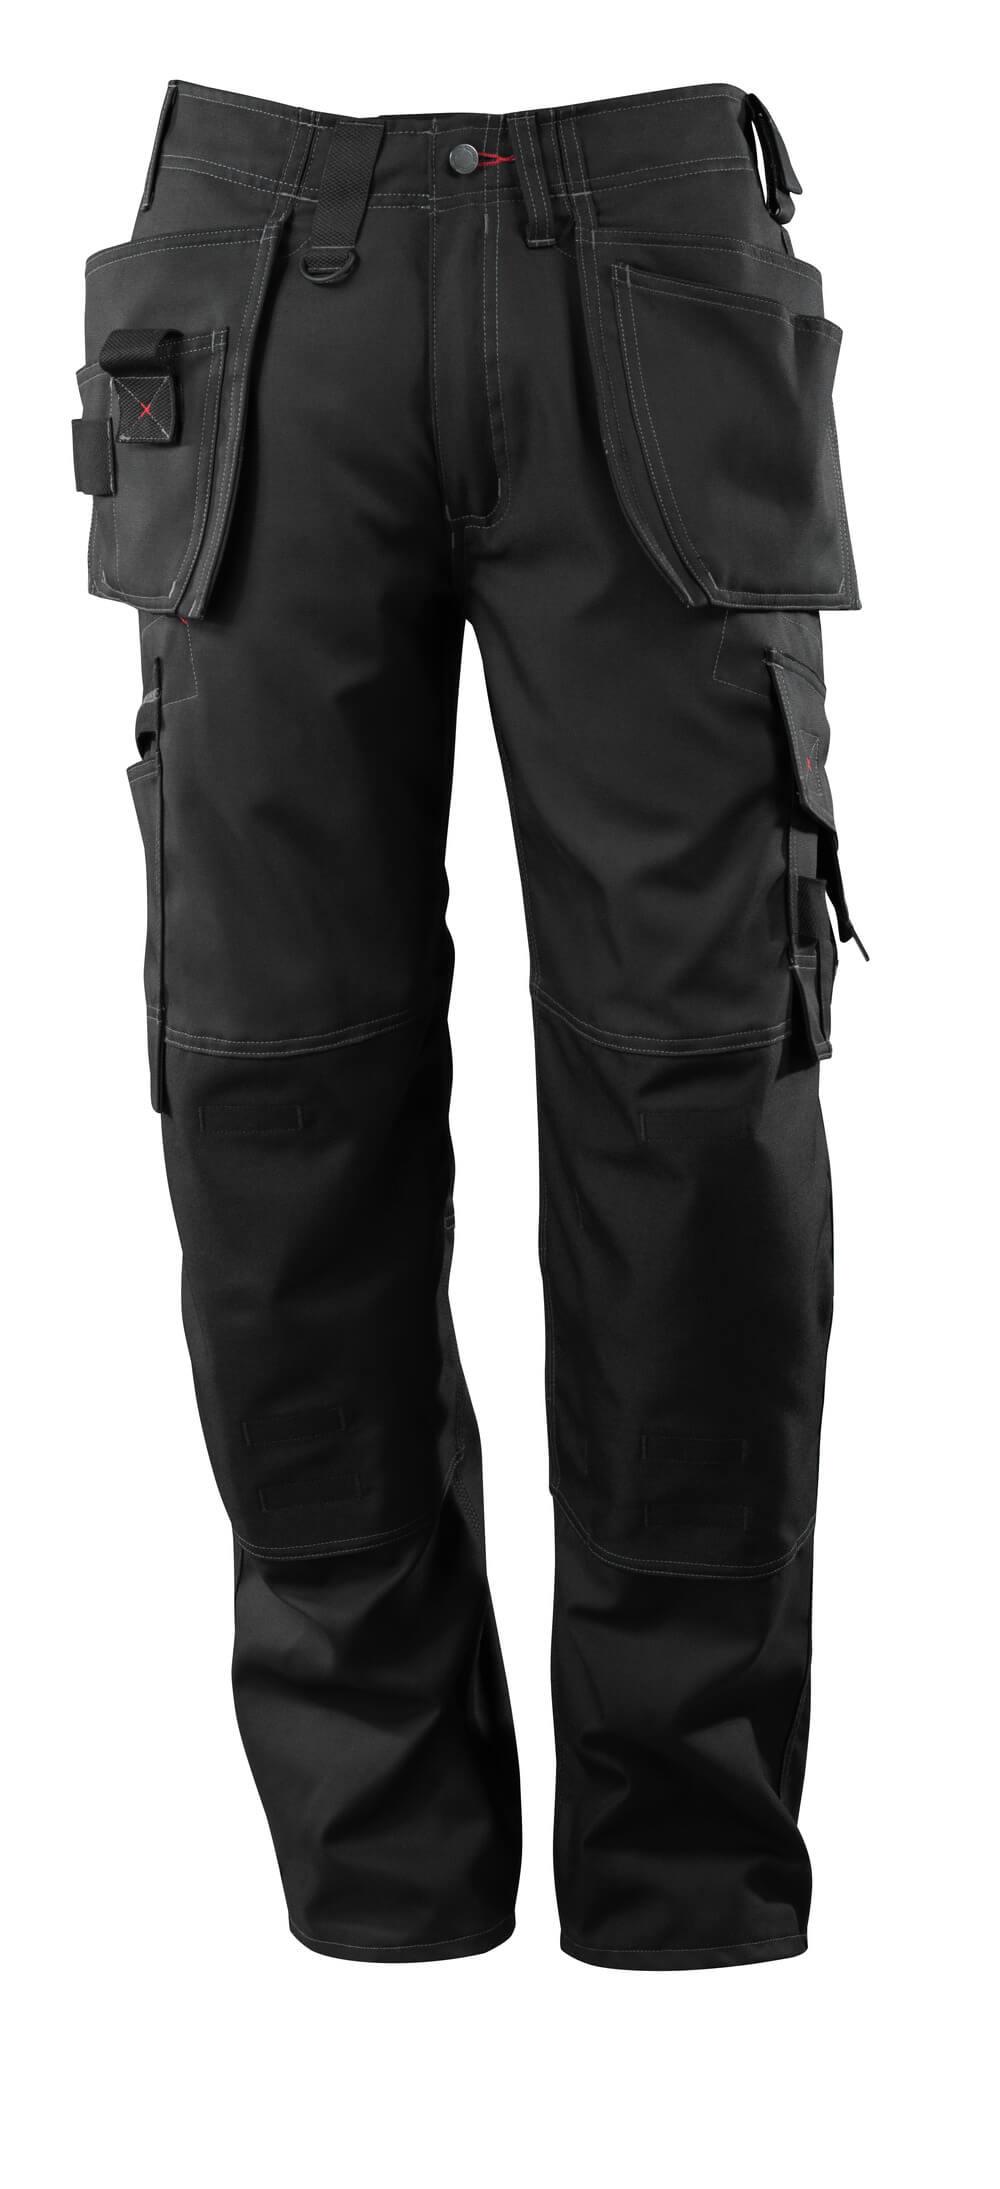 07379-154-09 Pantalon avec poches genouillères et poches flottantes - Noir